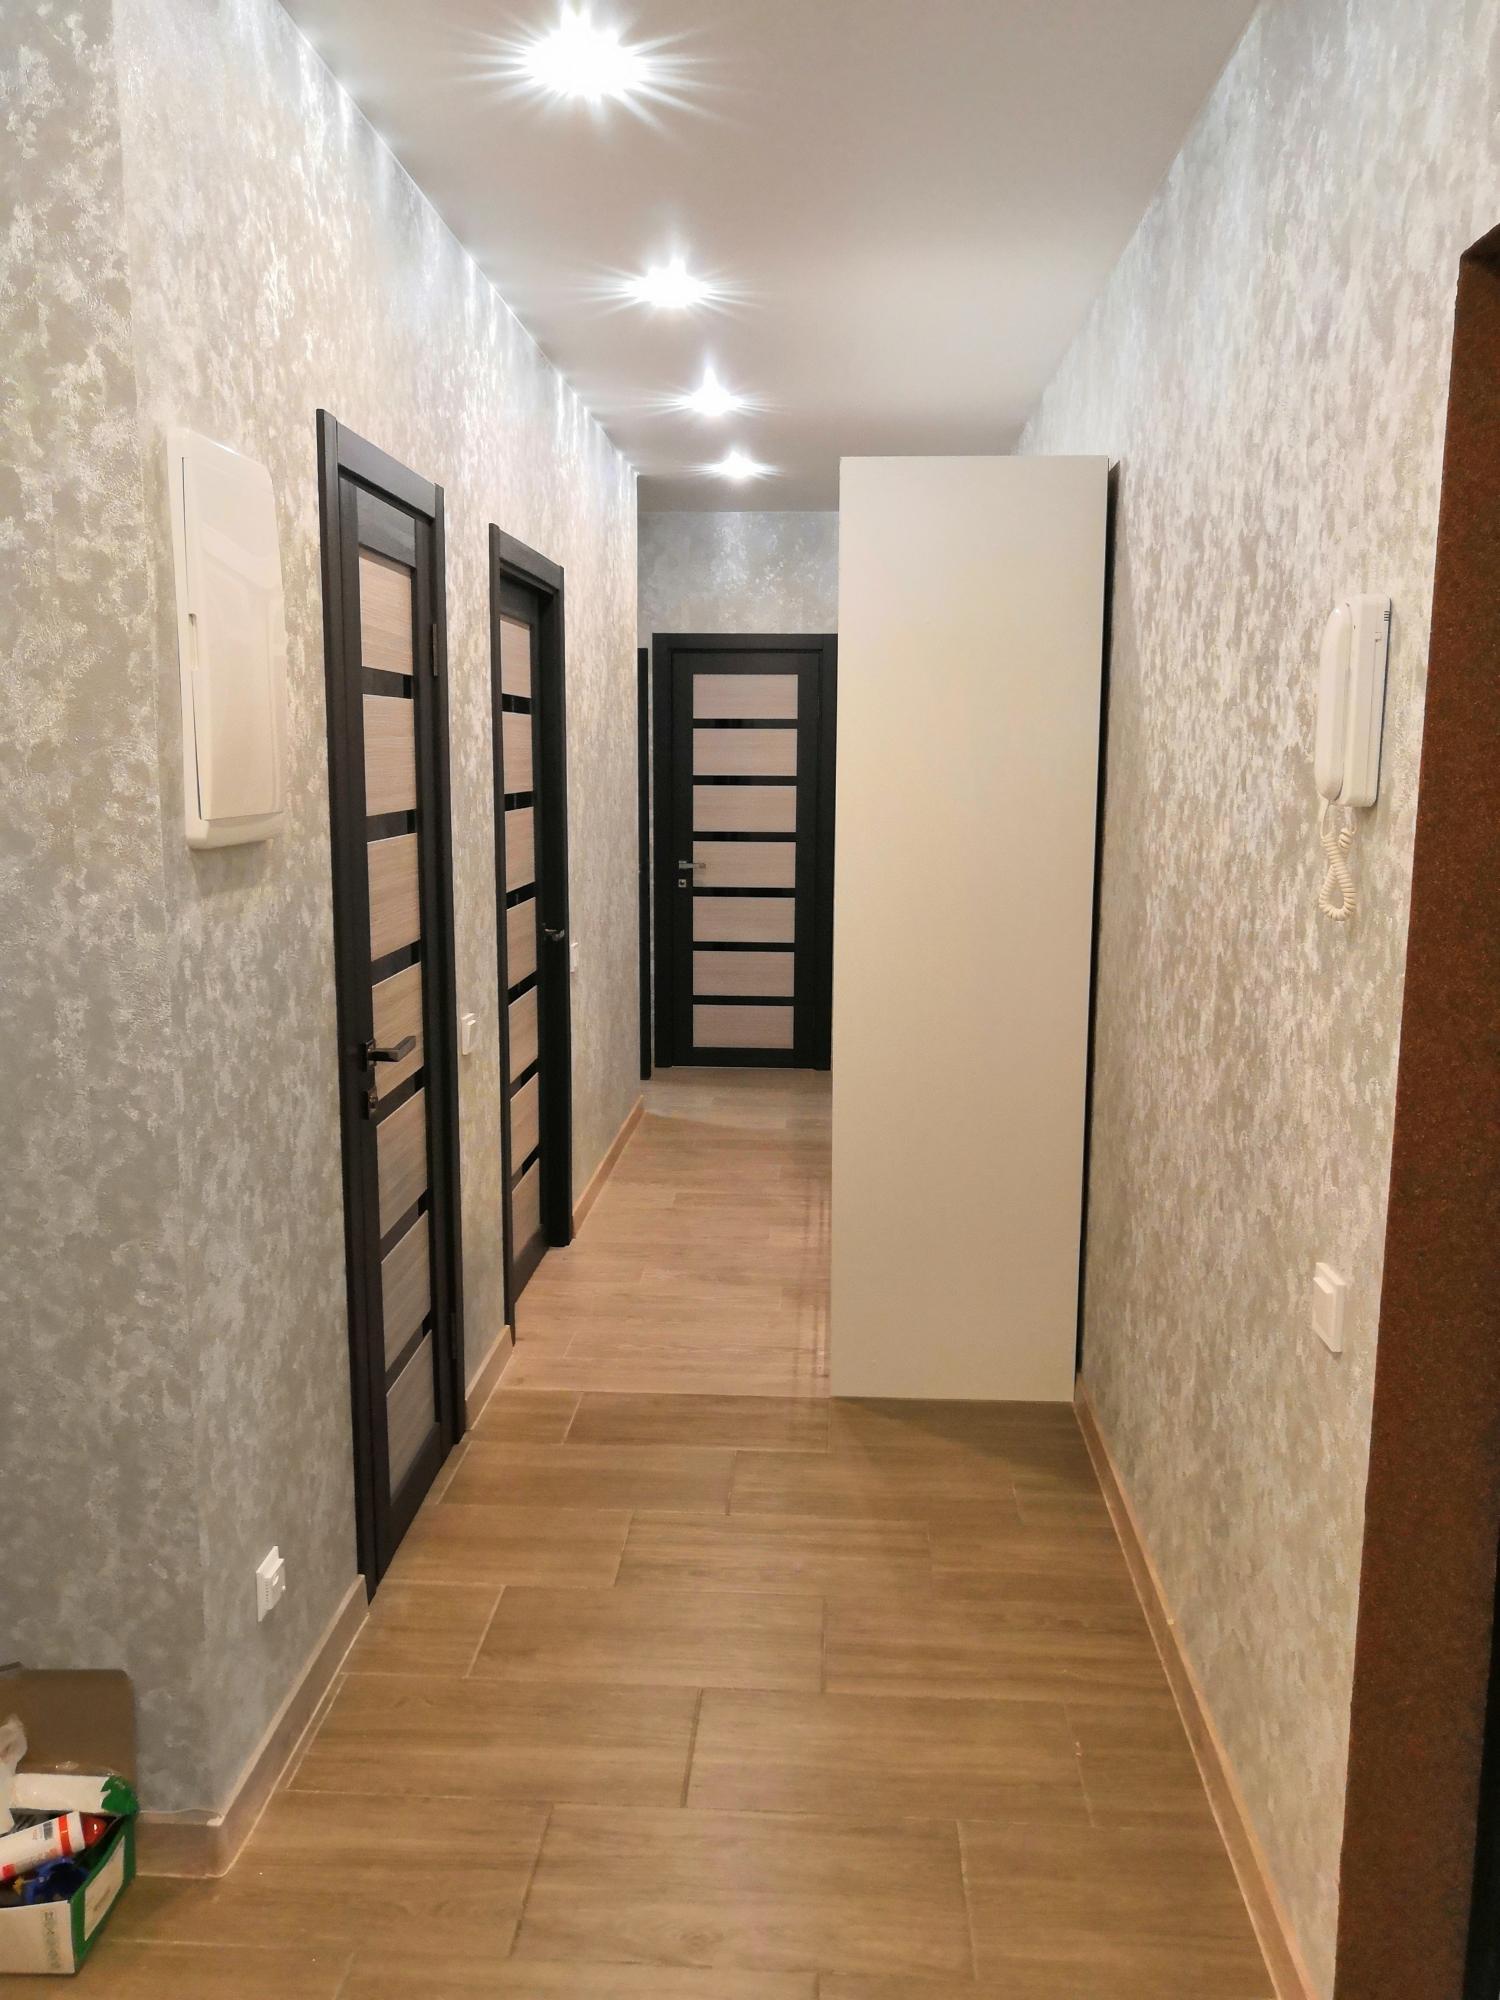 Квартира, 3 комнаты, 74 м² в Щербинке 89990025182 купить 5